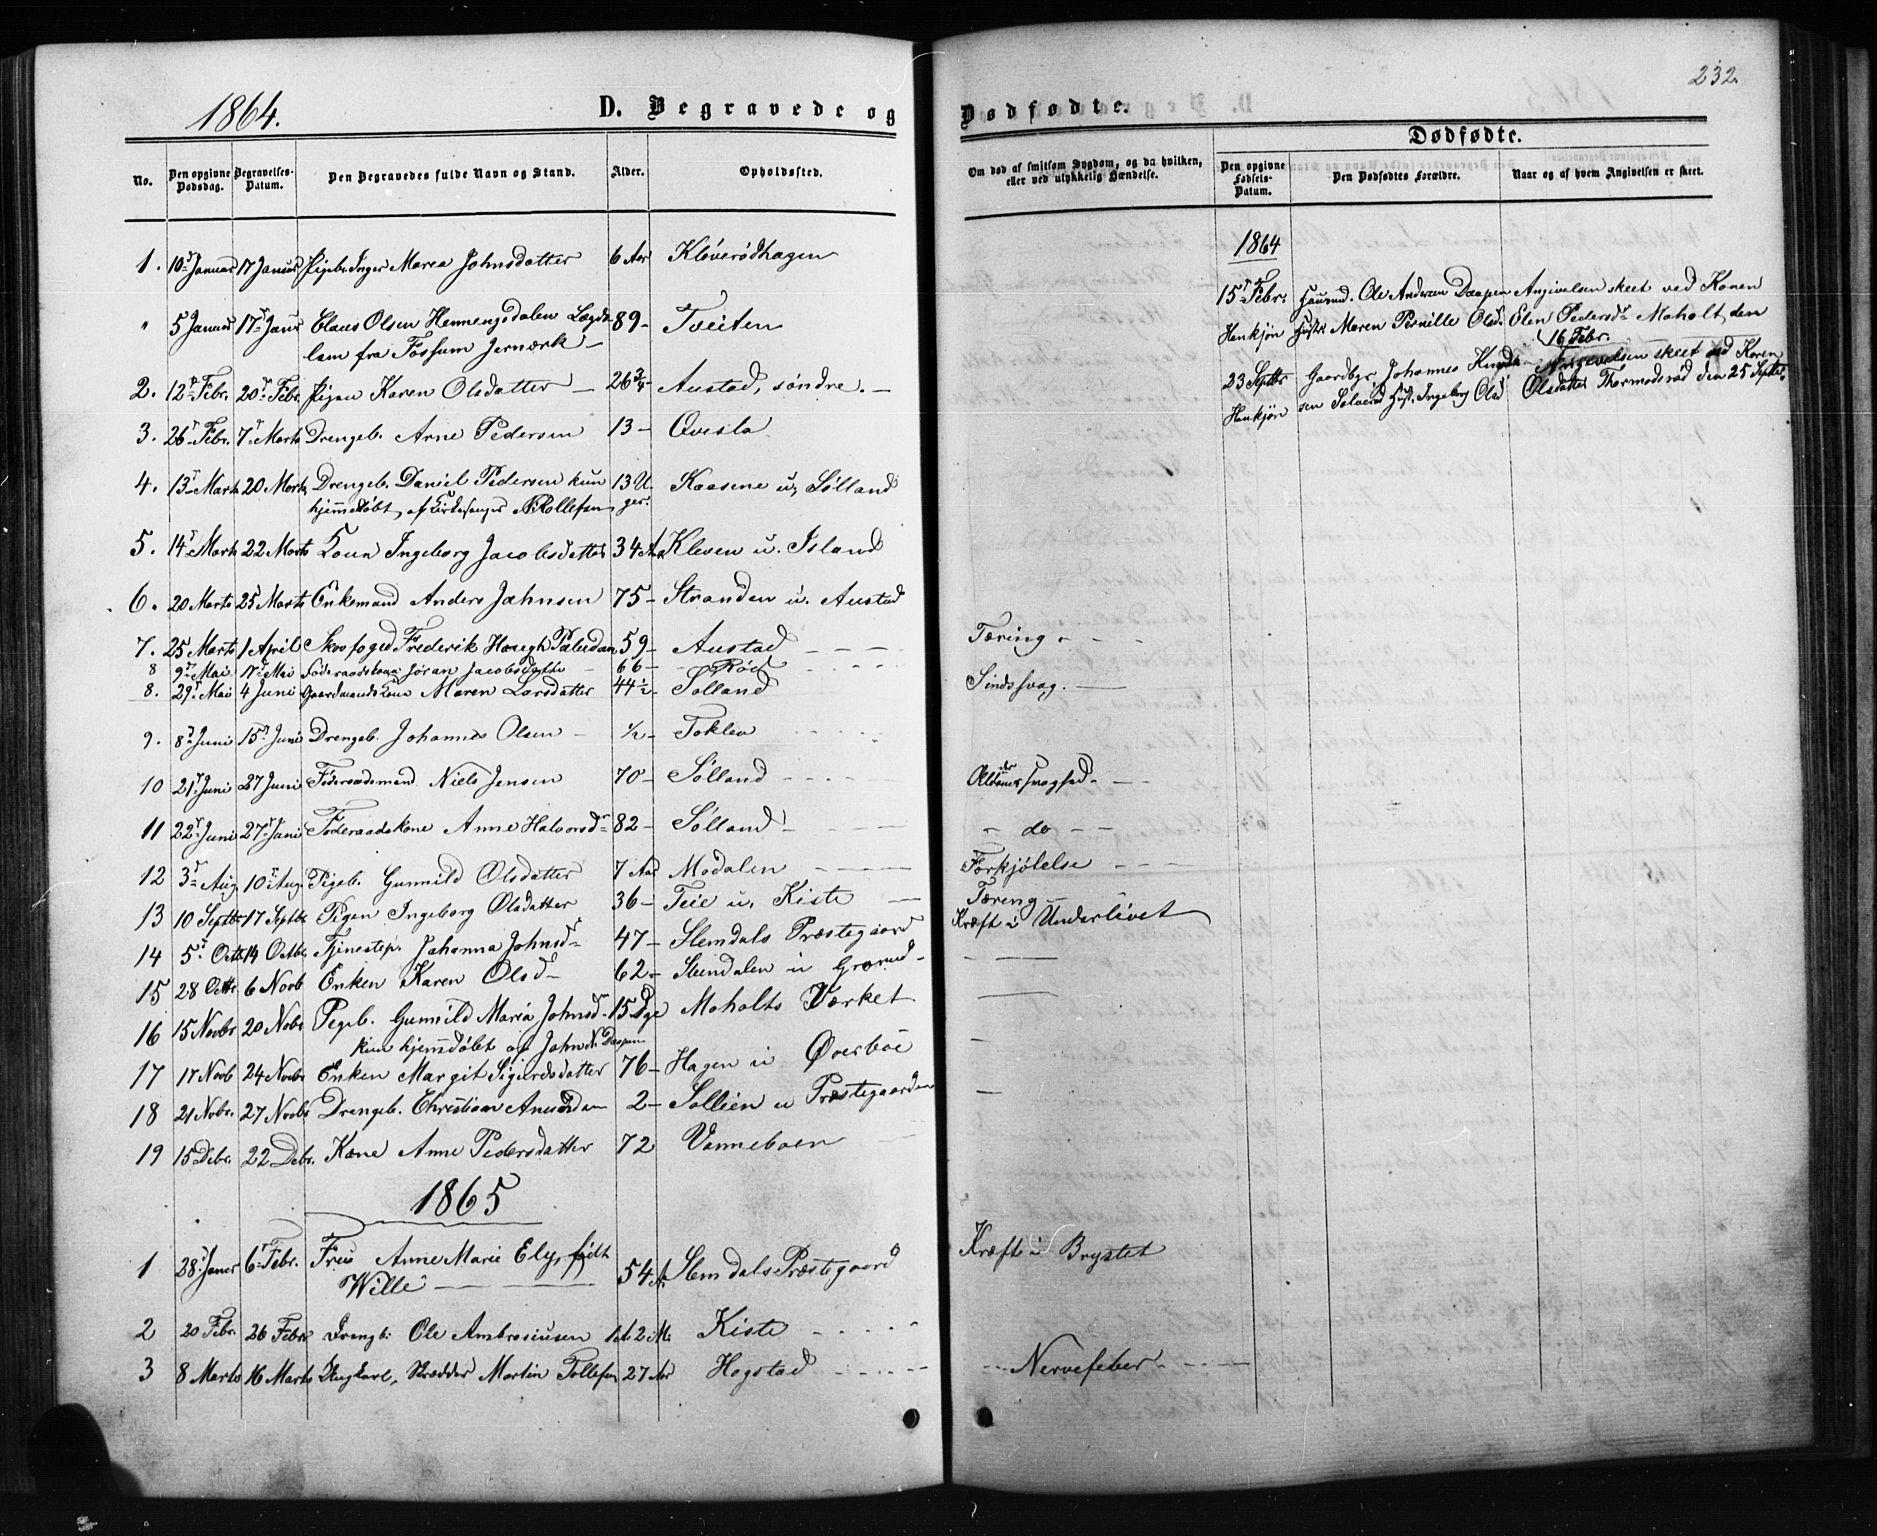 SAKO, Siljan kirkebøker, G/Ga/L0002: Klokkerbok nr. 2, 1864-1908, s. 232